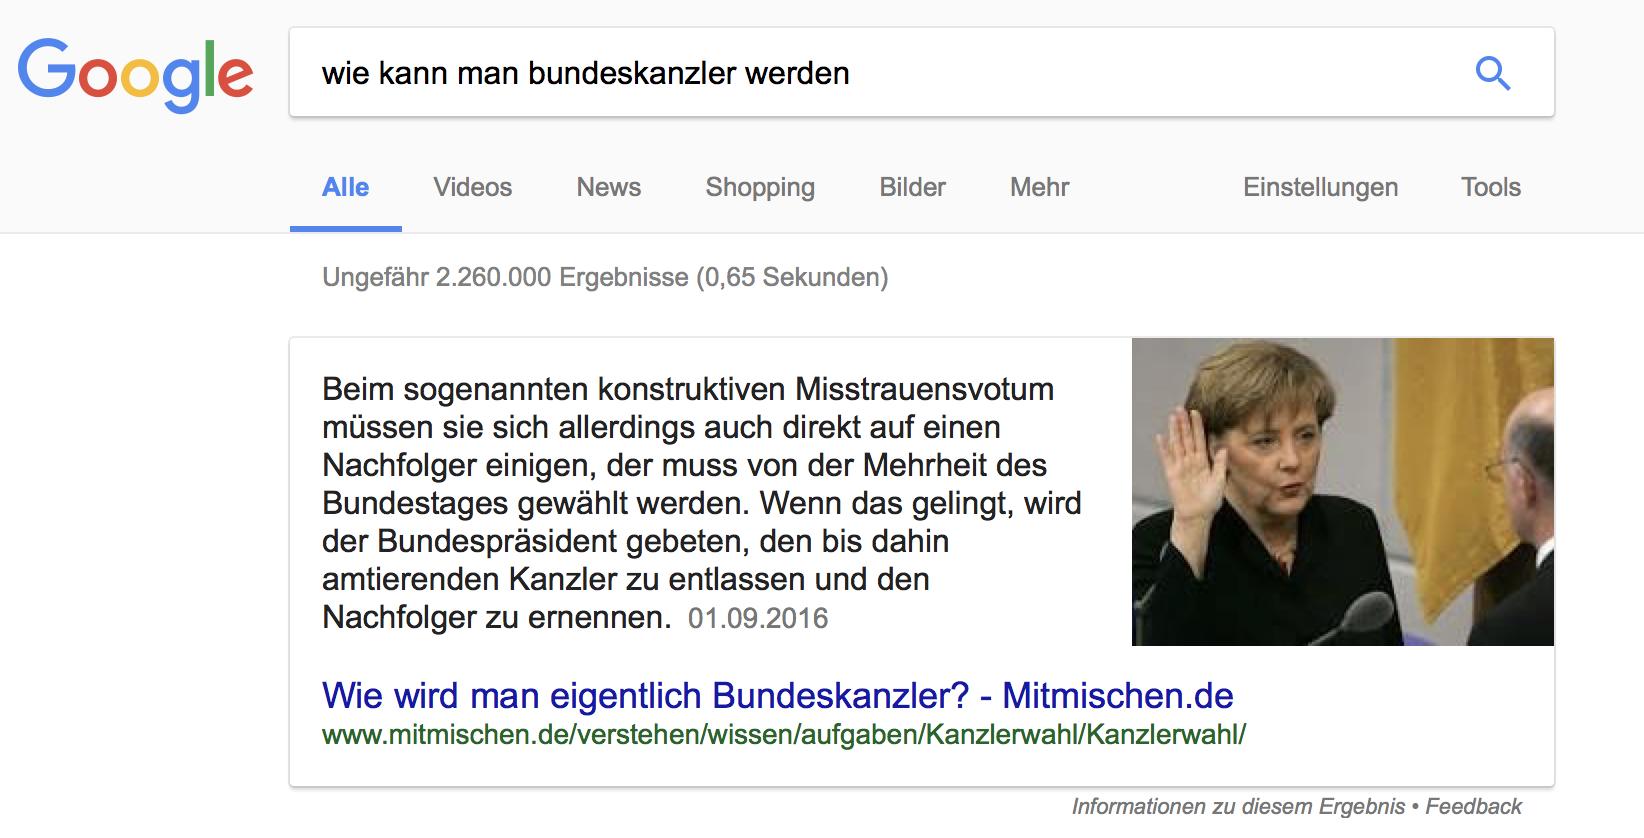 """Featured Snippet mit Bild für die Frage """"Wie kann man Bundeskanzler werden?"""""""